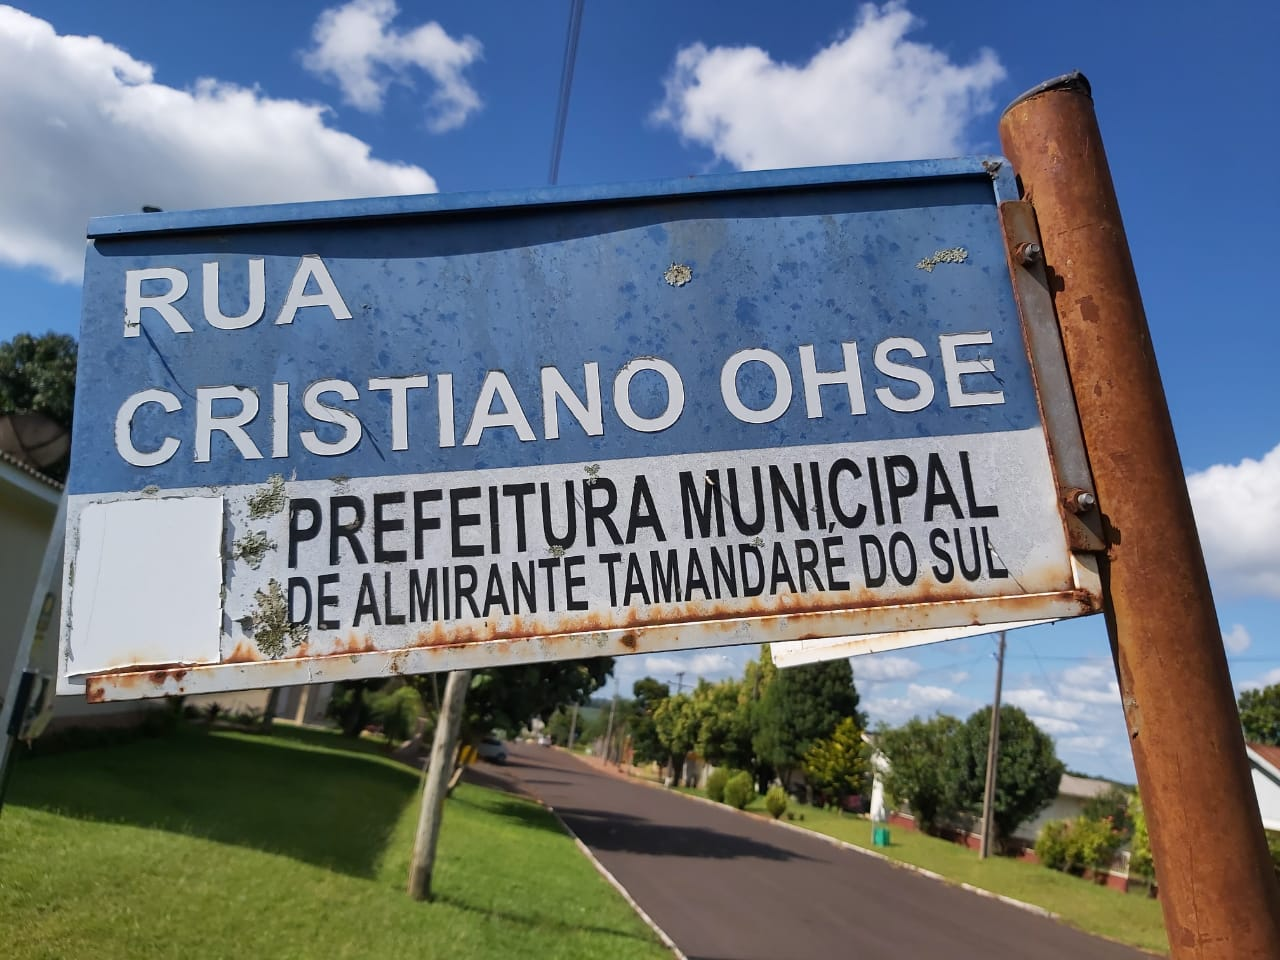 Rua Cristiano Ohse em Almirante Tamandaré do Sul Rws